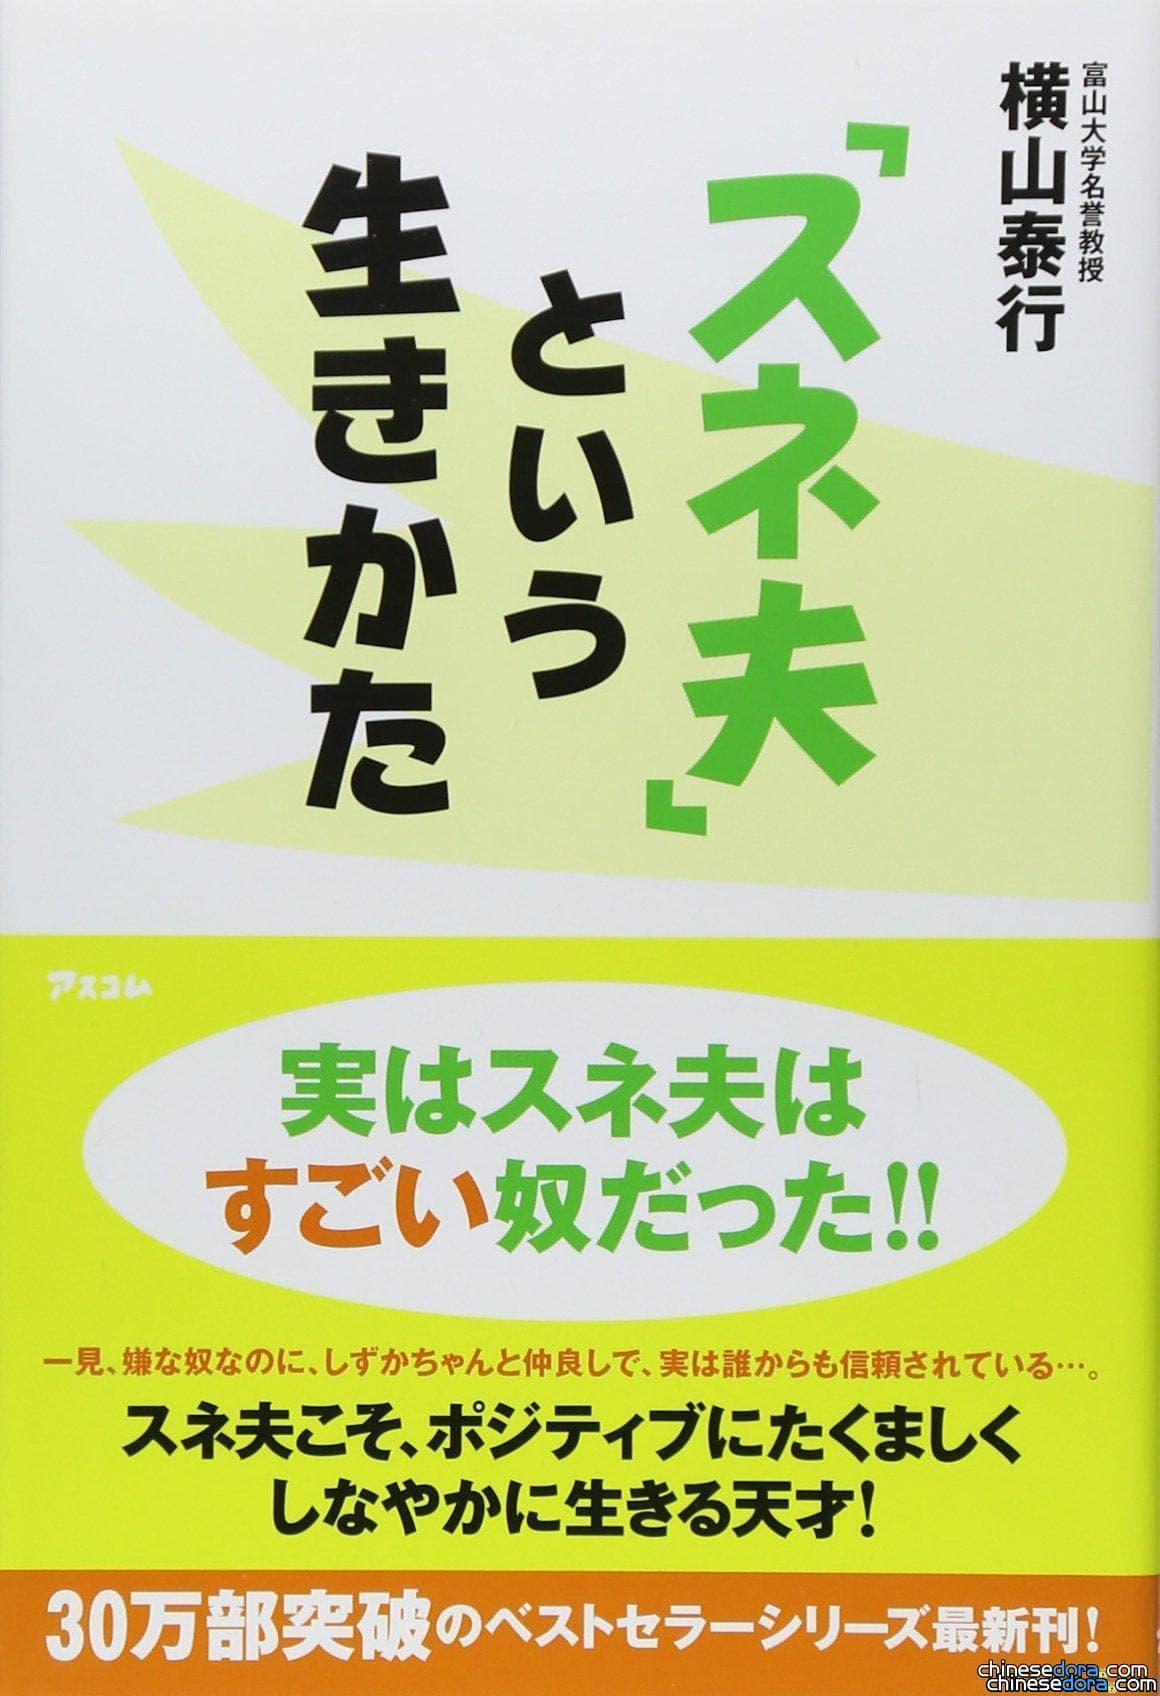 """[日本] 向小夫學習! 橫山新著""""小夫的生活方式"""""""